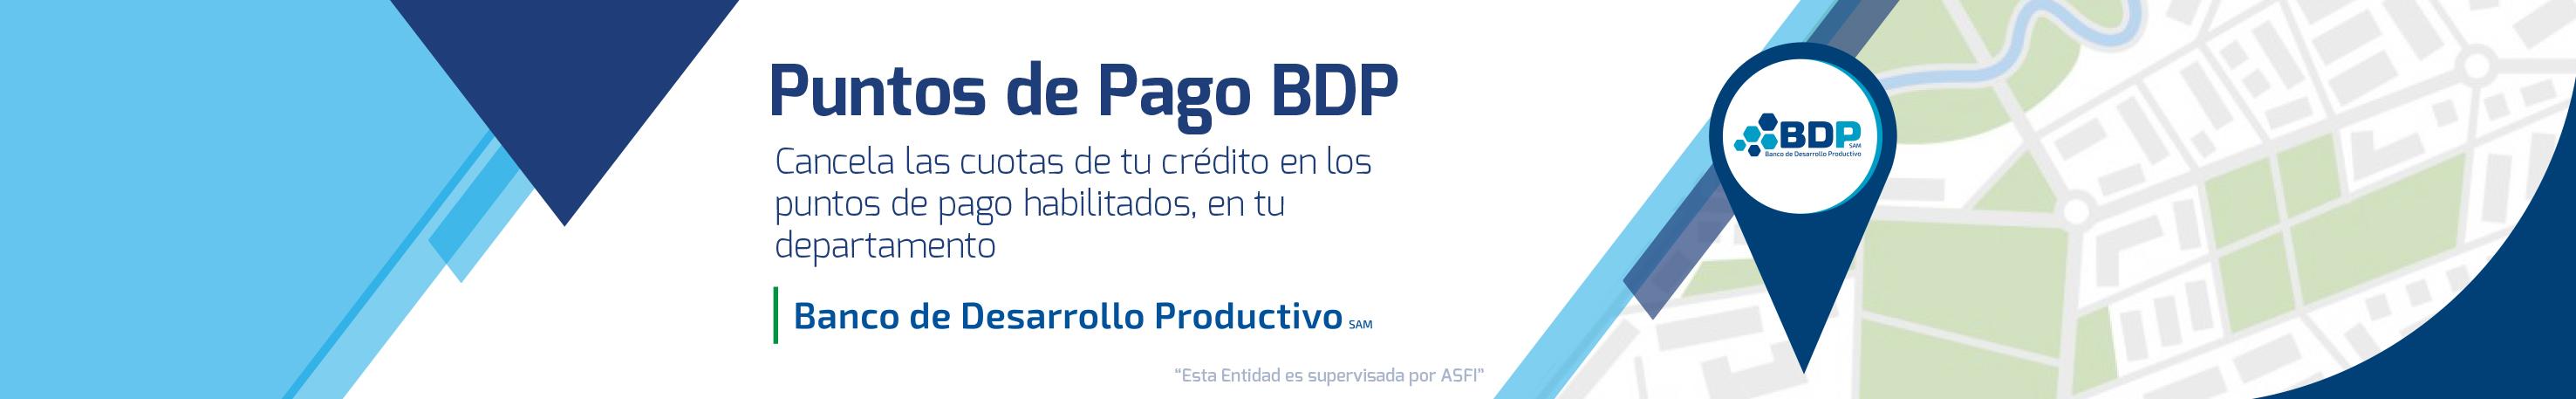 puntos de pago BDP